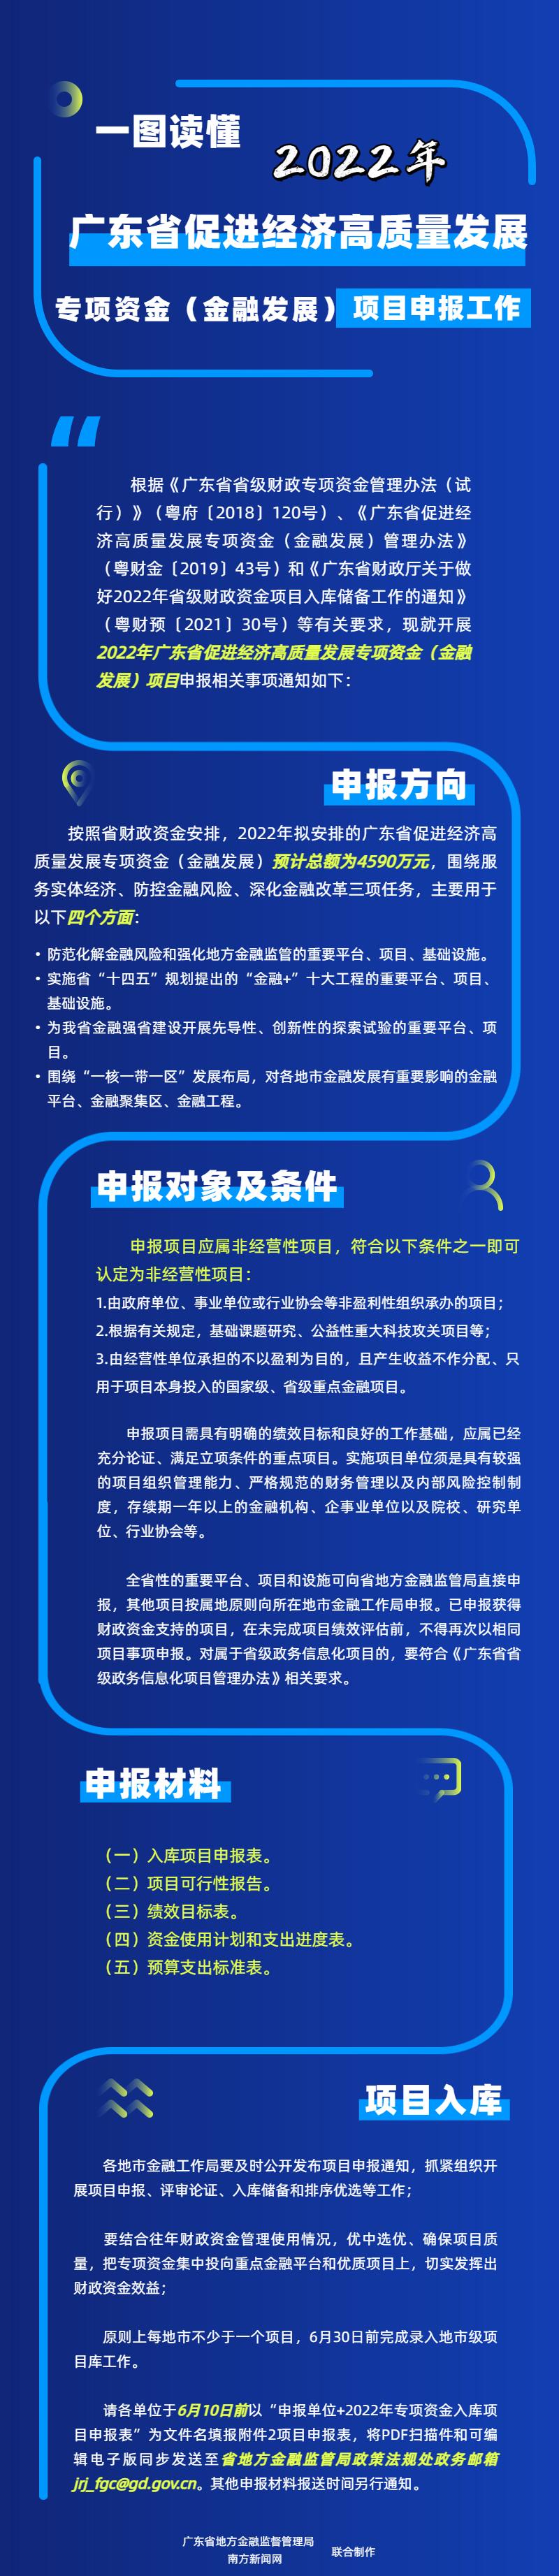 2022年广东省促进经济高质量发展专项资金(金融发展)项目申报工作.png